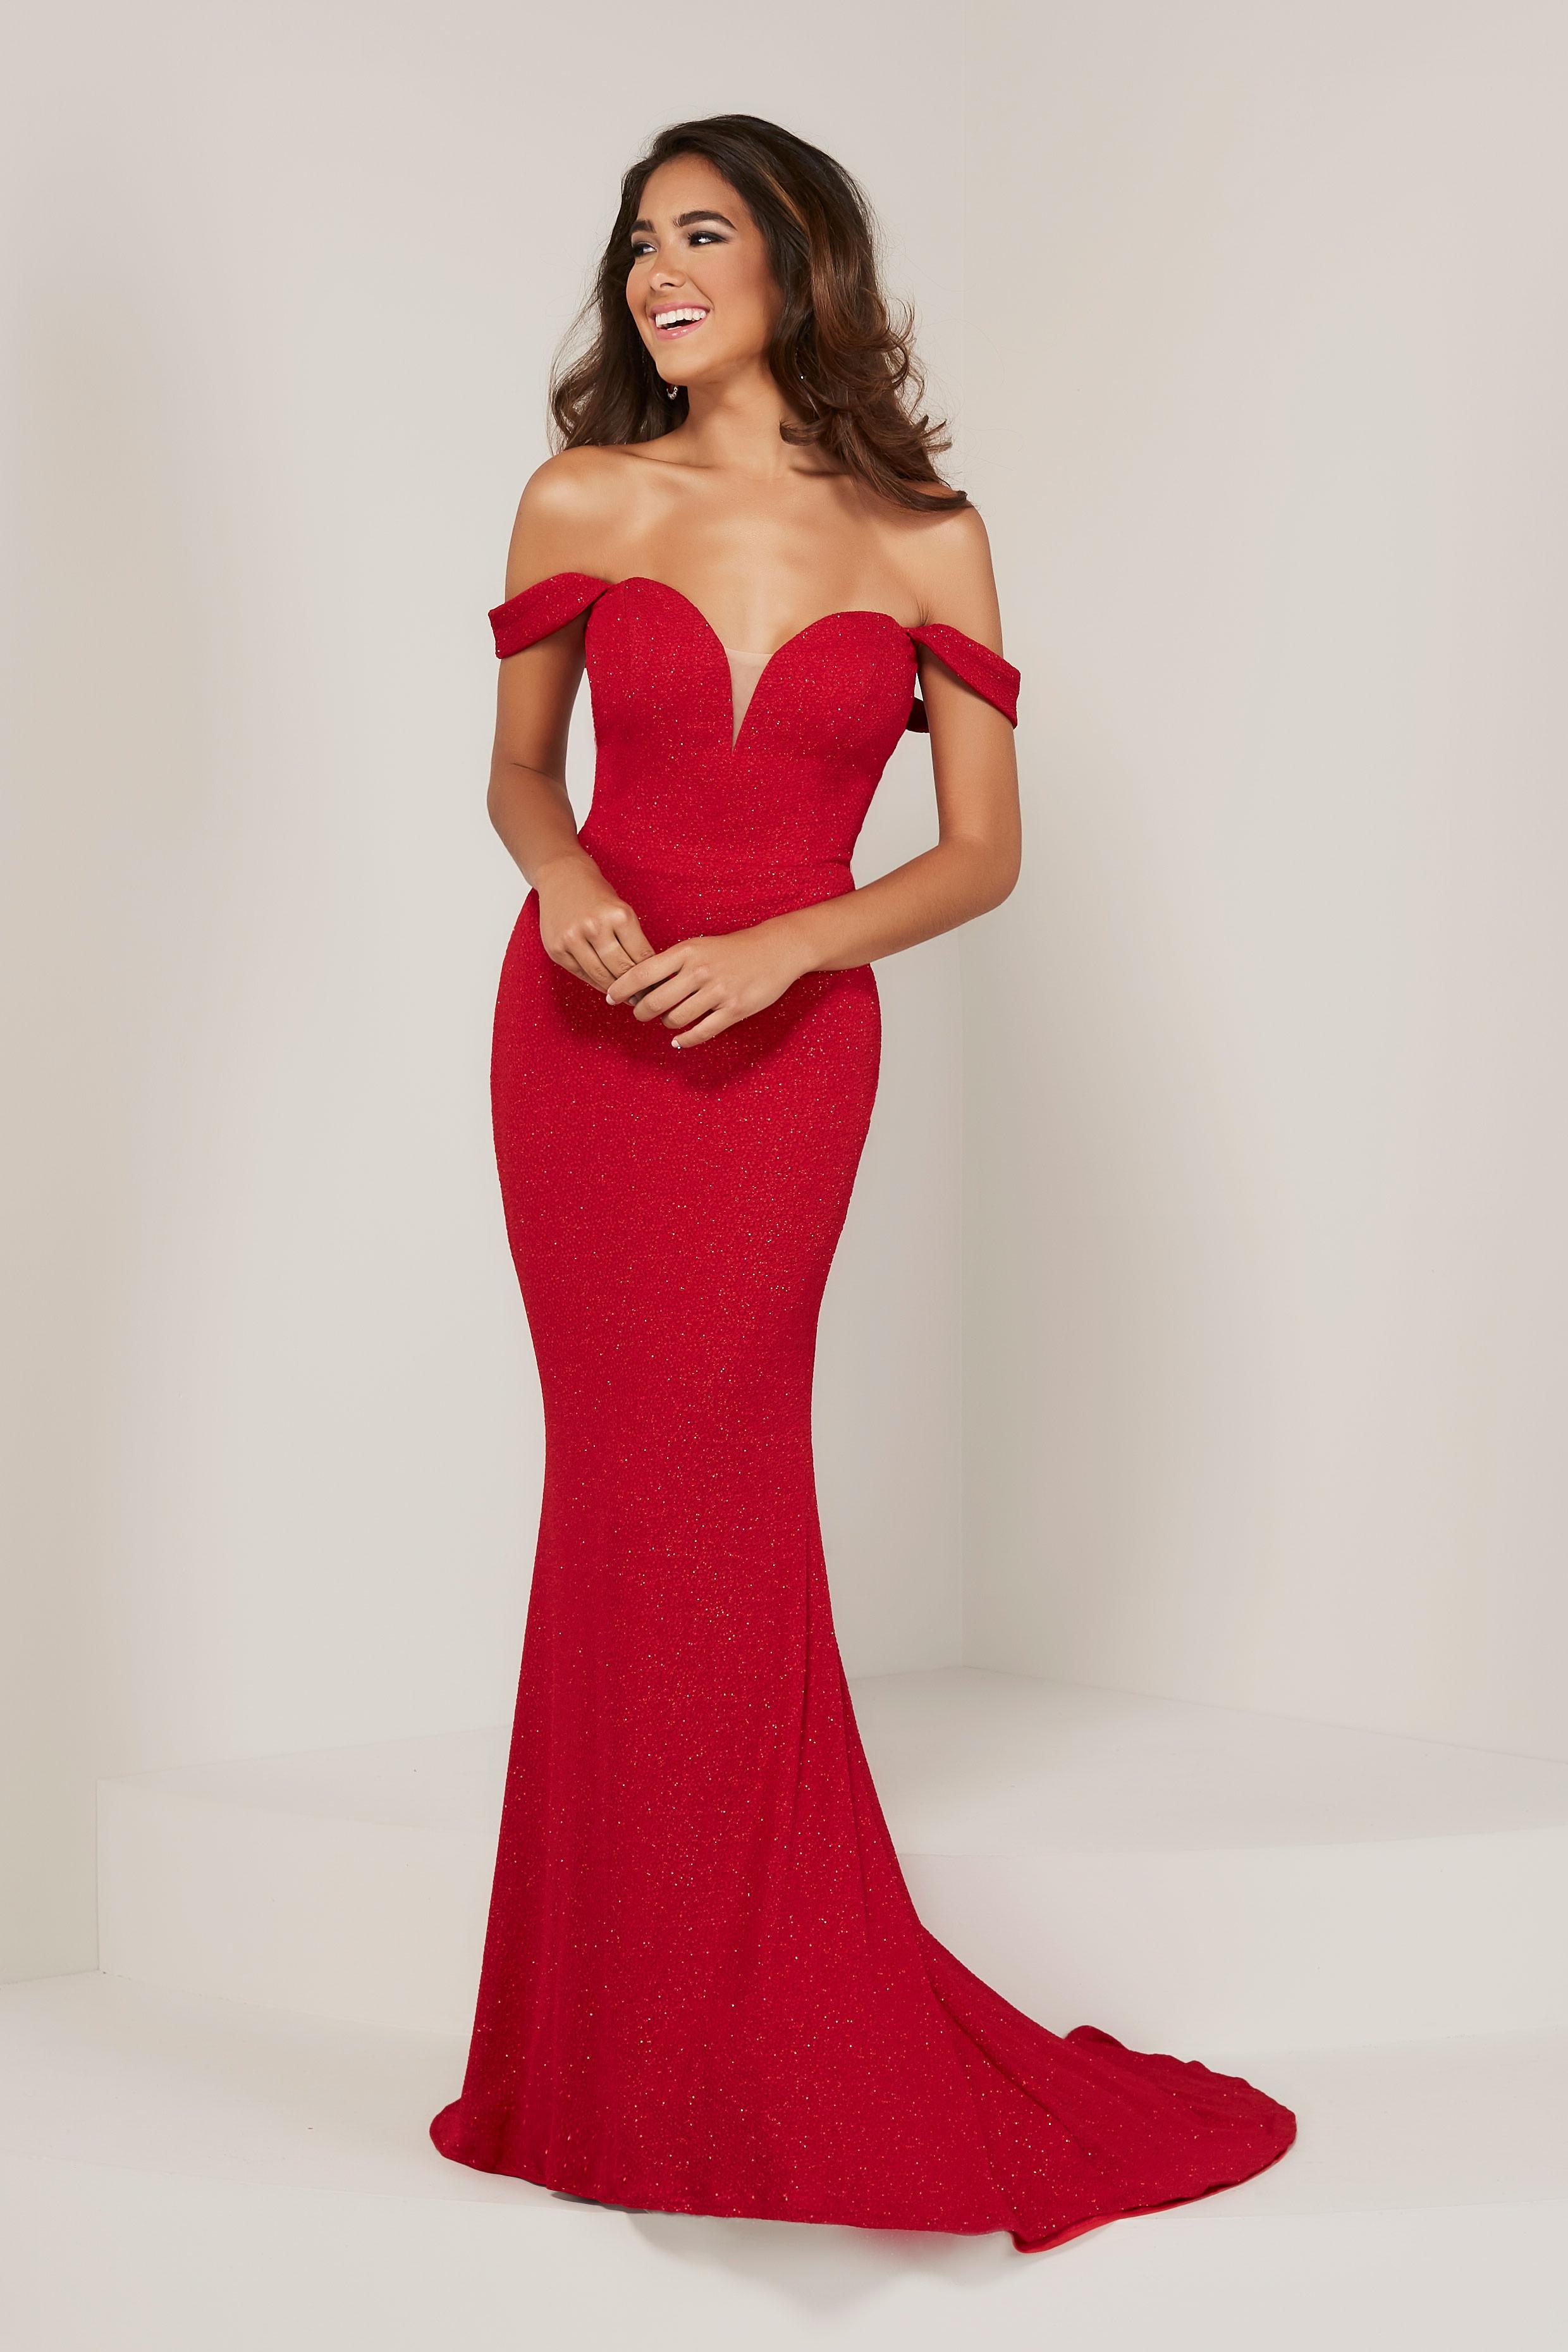 e1f39edd8e2f Tiffany Designs 16353 - Oh So Simple But Oh So Sexy